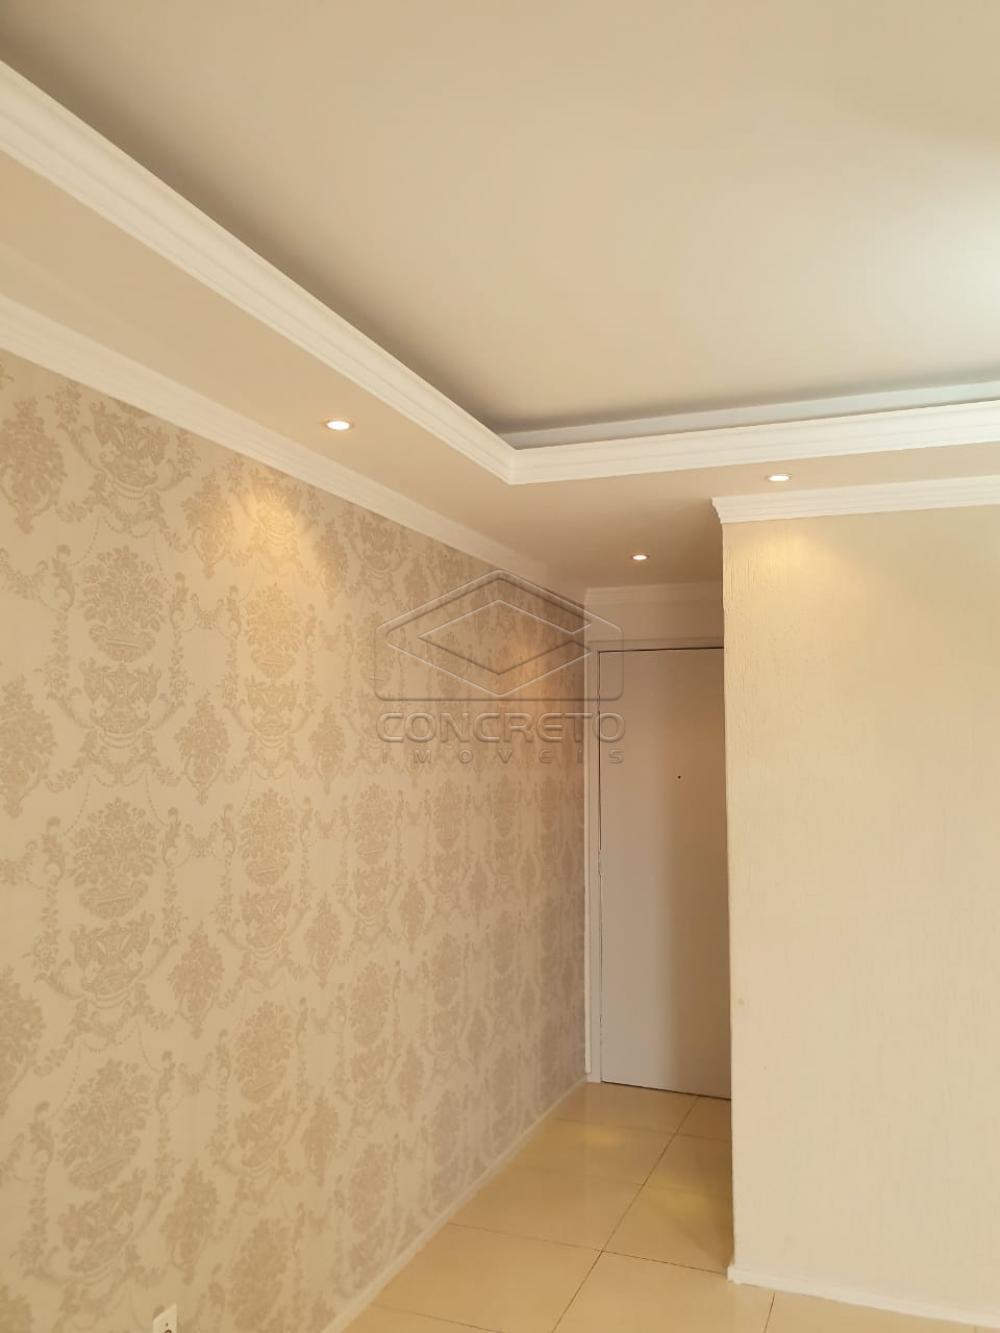 Comprar Apartamento / Padrão em Bauru apenas R$ 400.000,00 - Foto 17